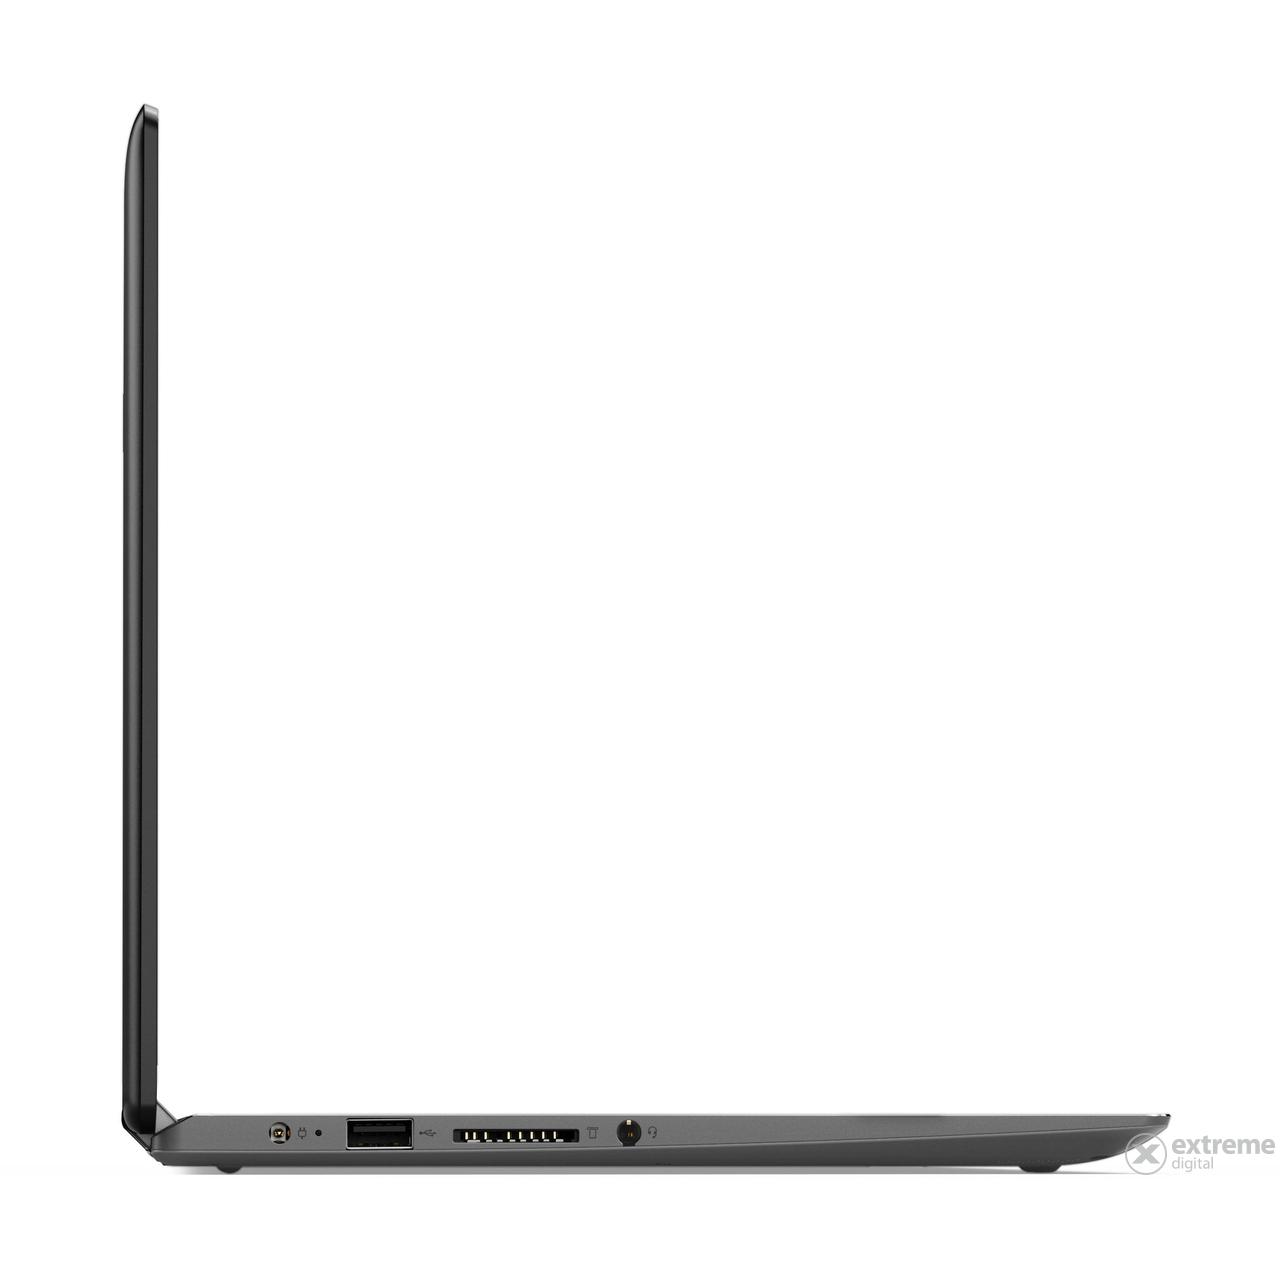 Lenovo IdeaPad YOGA 330-11IGM 81A6001DHV notebook készülék